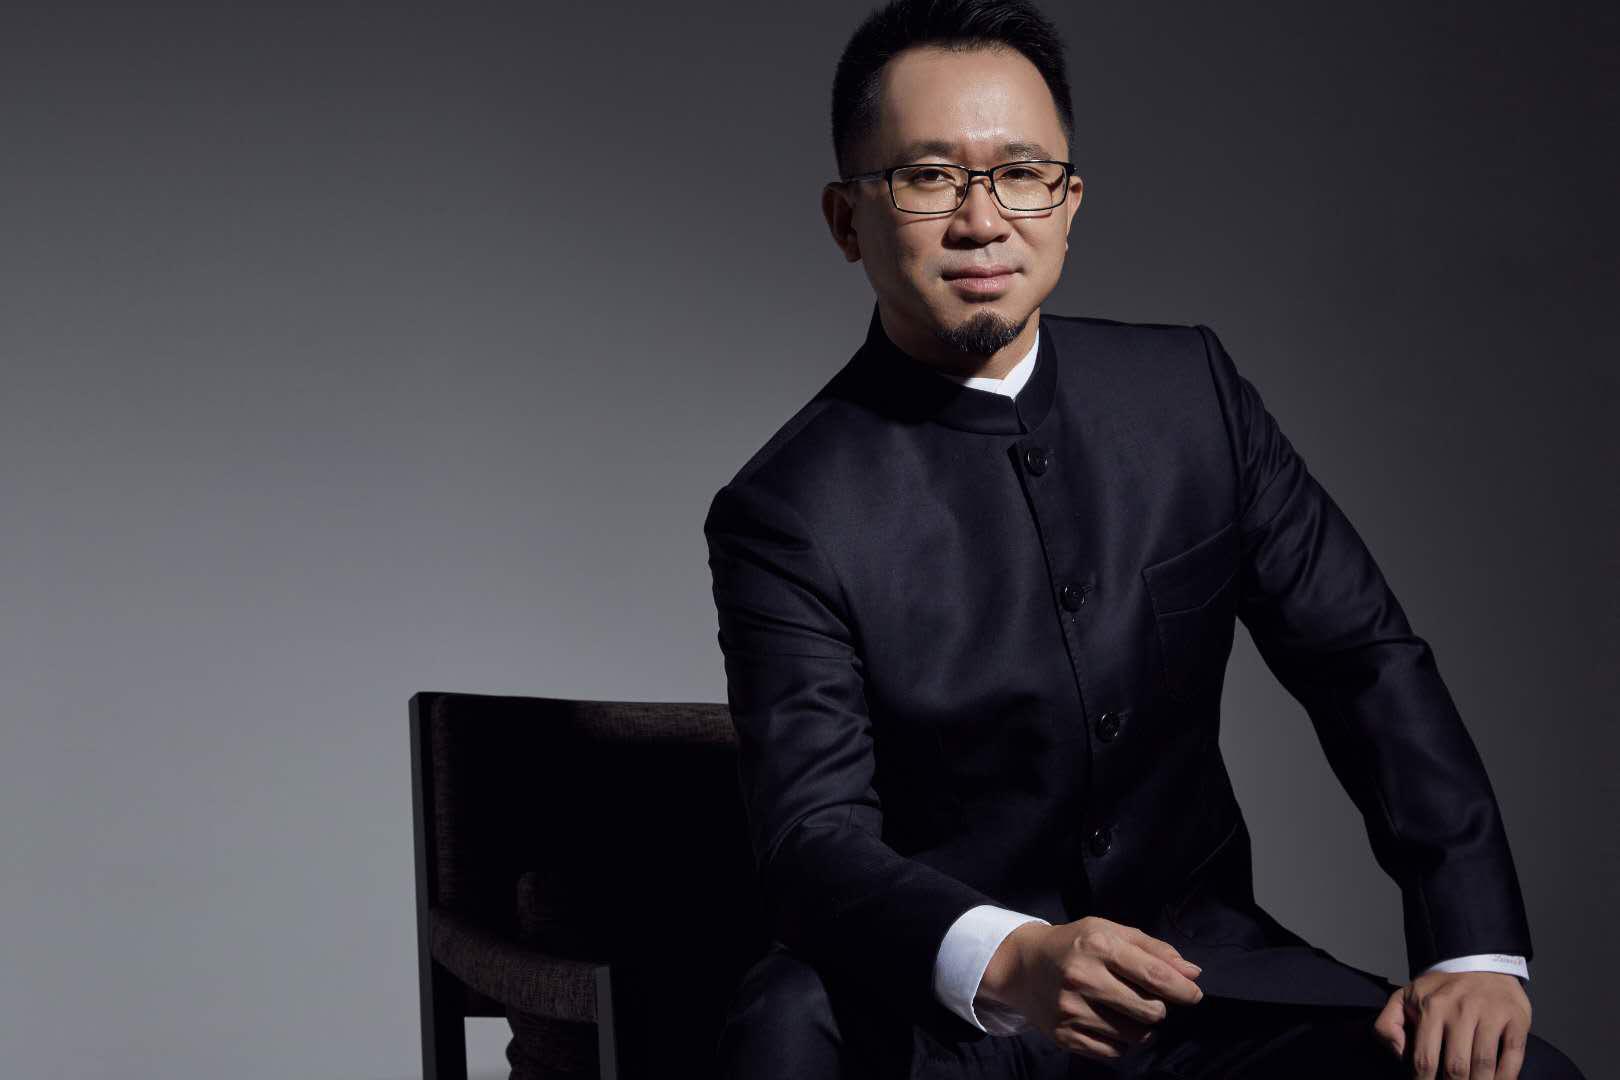 王海峰:在投资人眼中,什么样的公司值得投资?